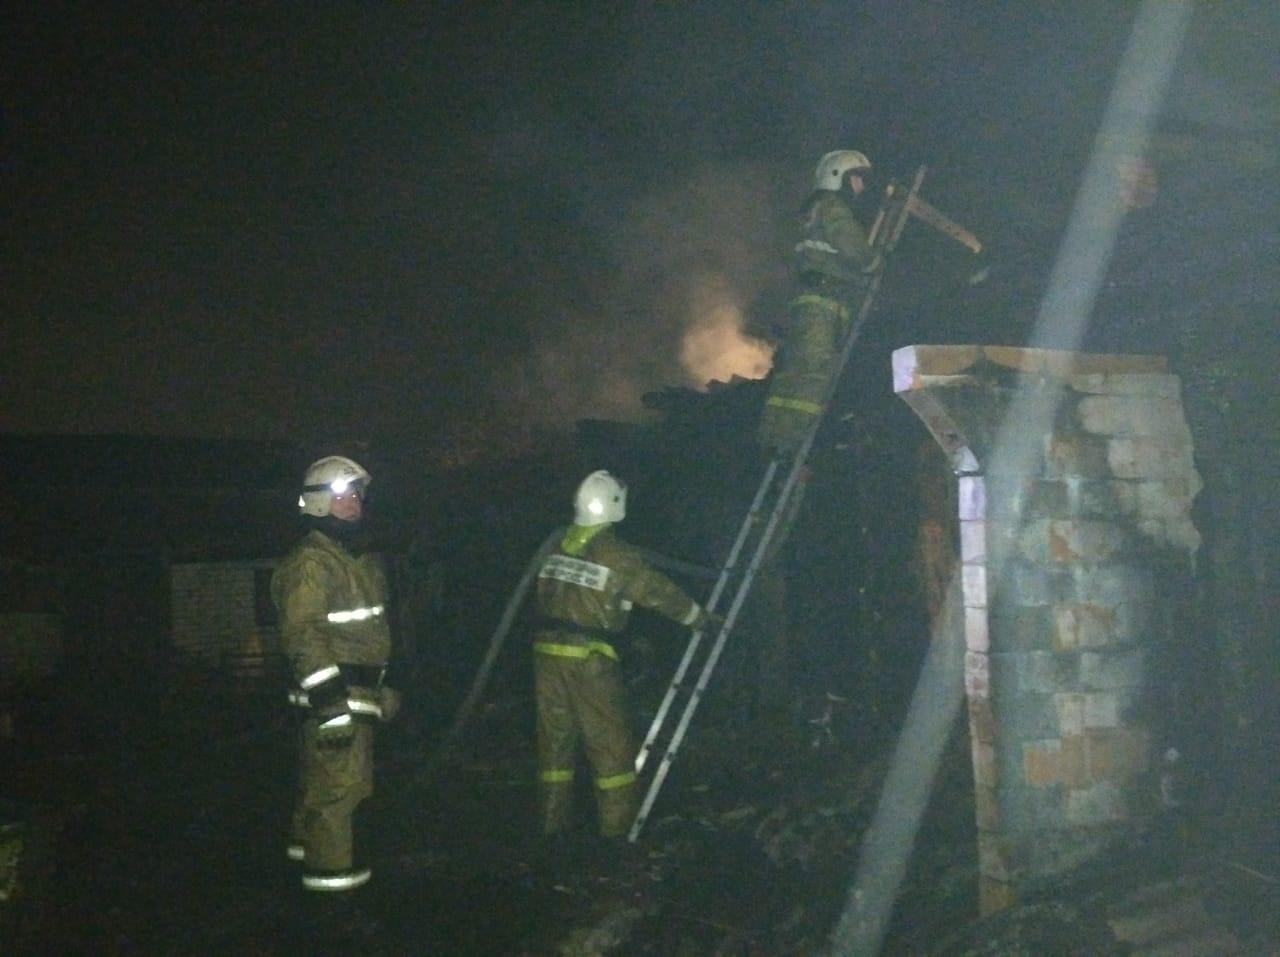 Пожарно-спасательные подразделения МЧС России ликвидировали пожар в городе Ишимбай